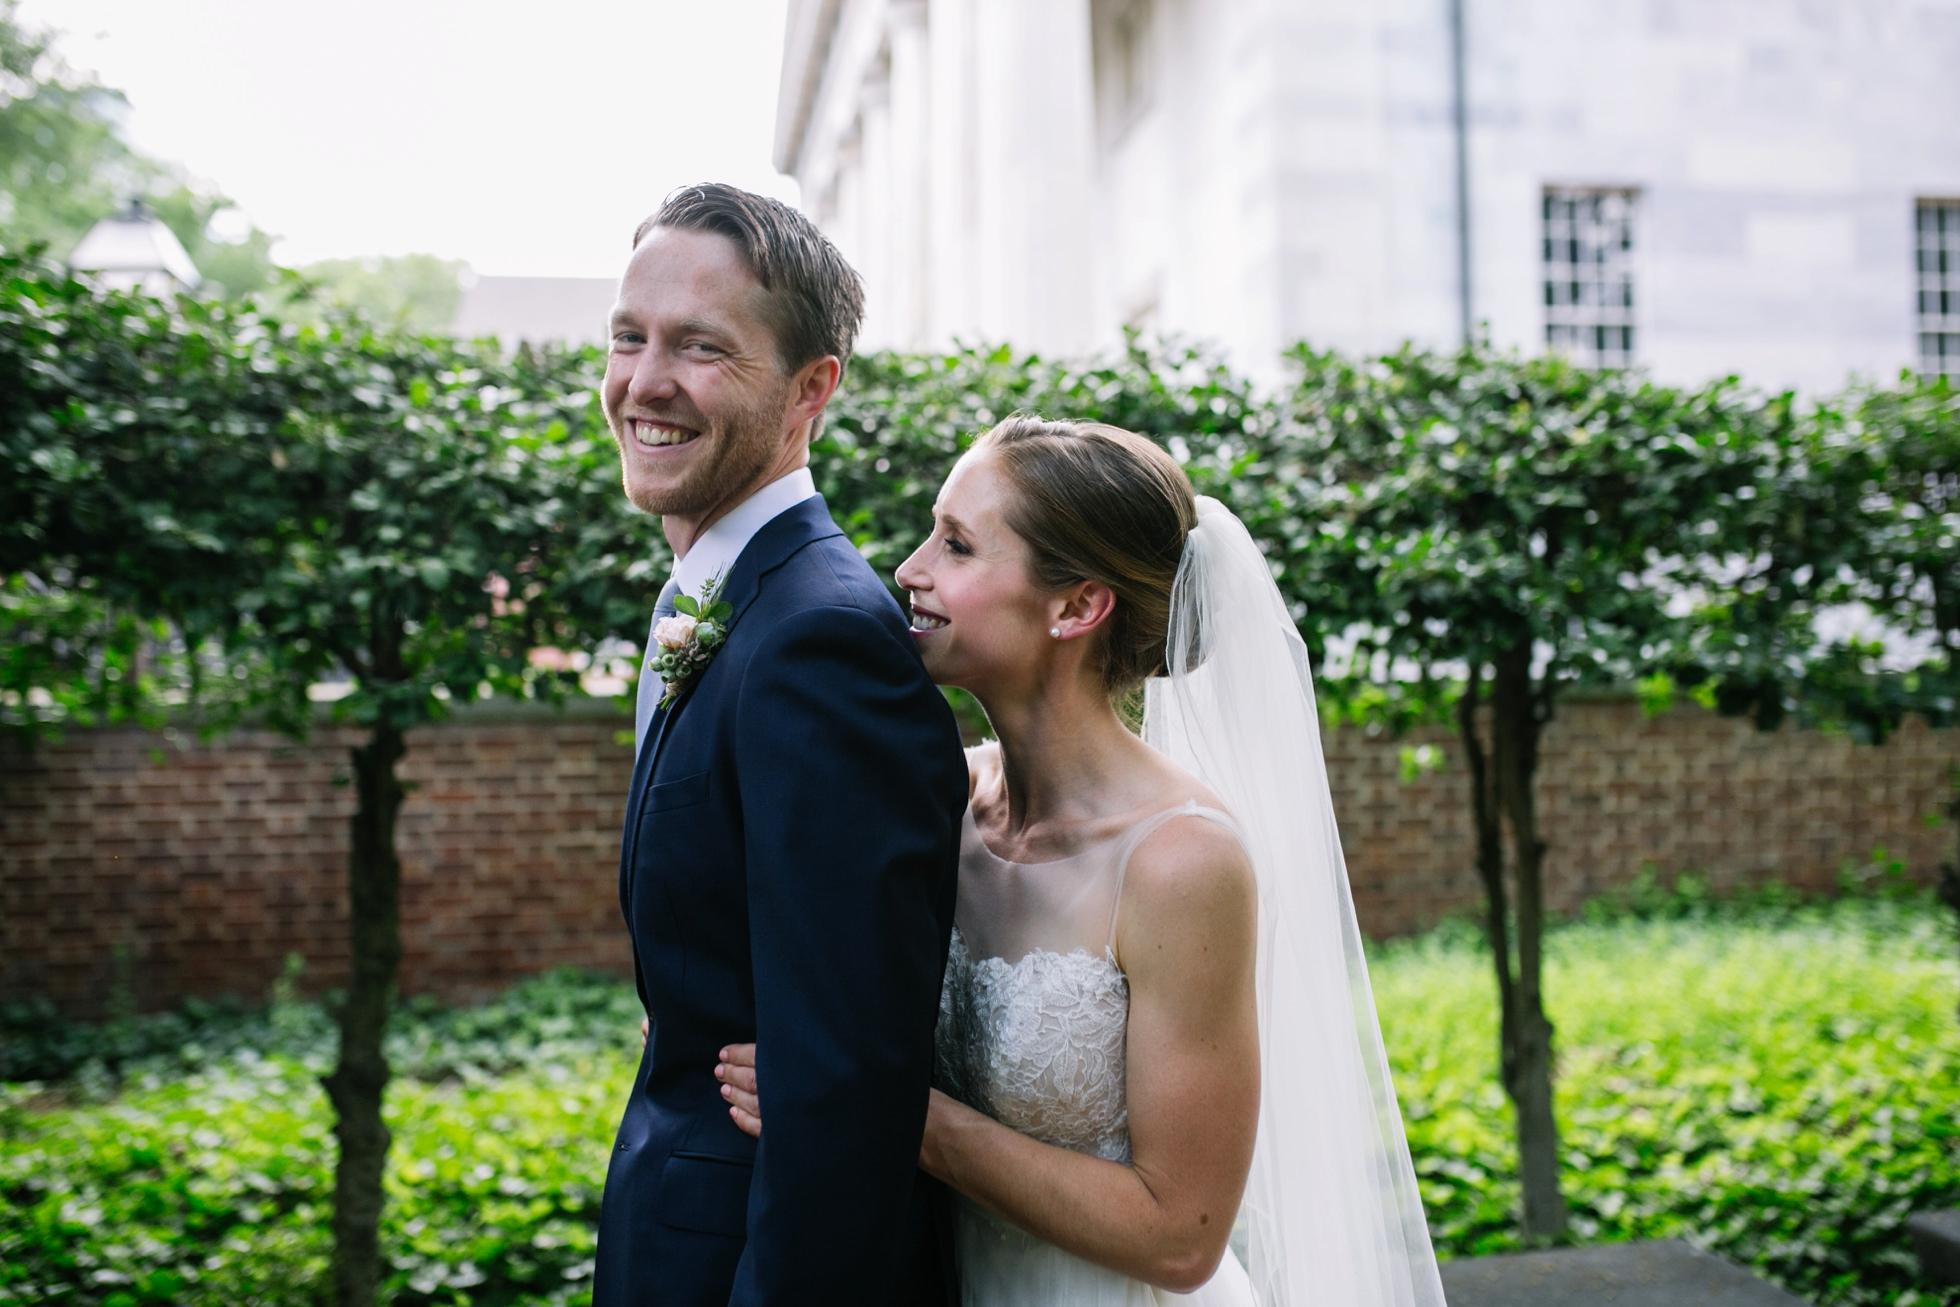 Romantic Bartram's Garden Outdoor Summer Wedding, Philadelphia | brittneyraine.com 030